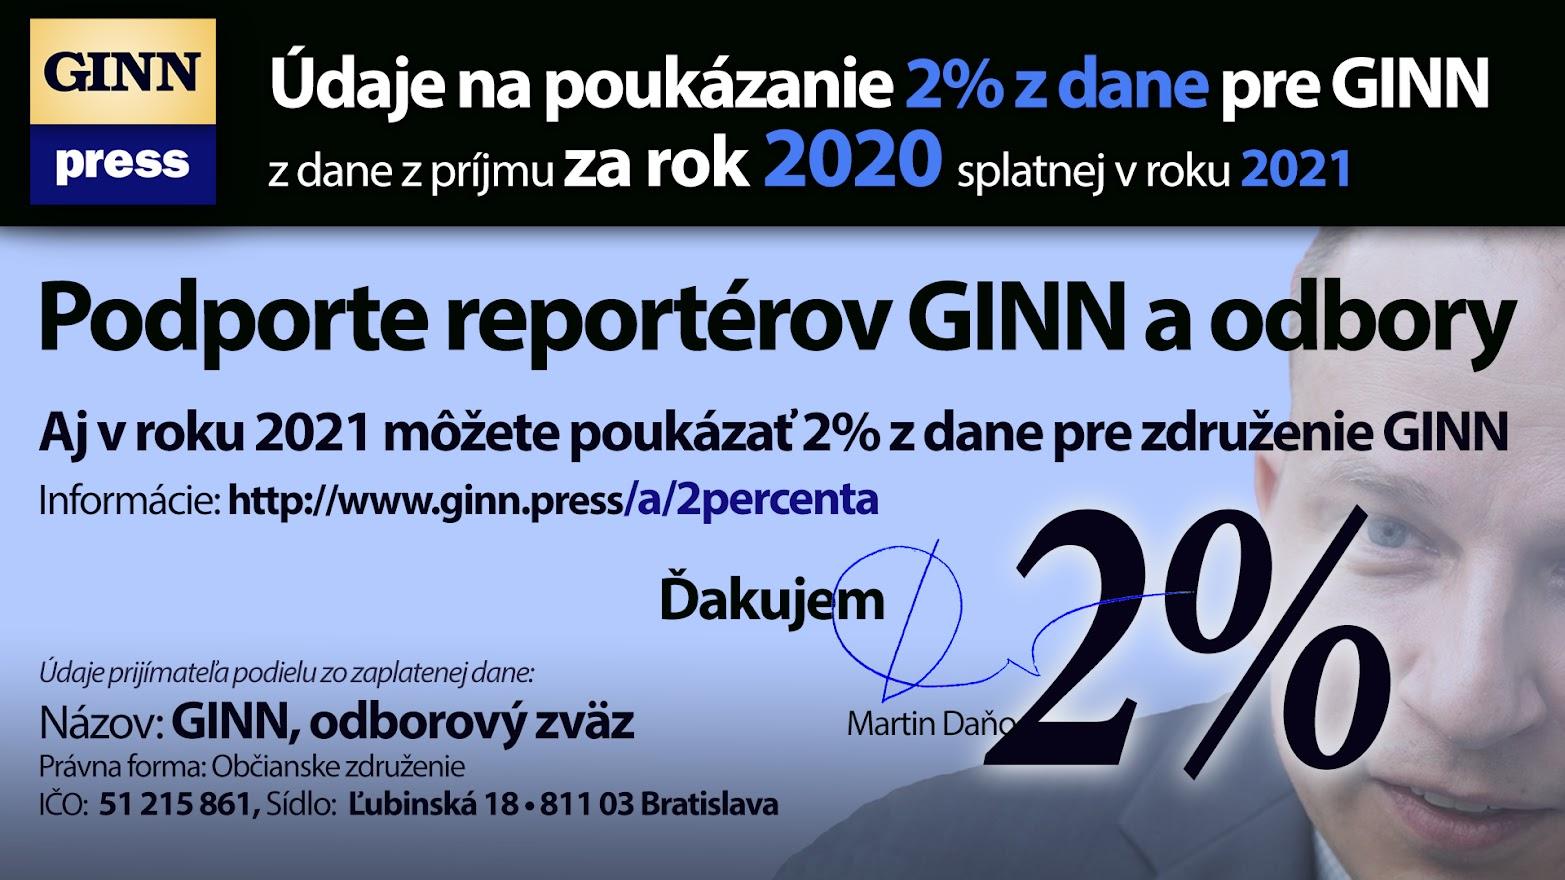 Údaje na poukázanie 2% z dane za rok 2020 pre GINN.PRESS, Martin Daňo